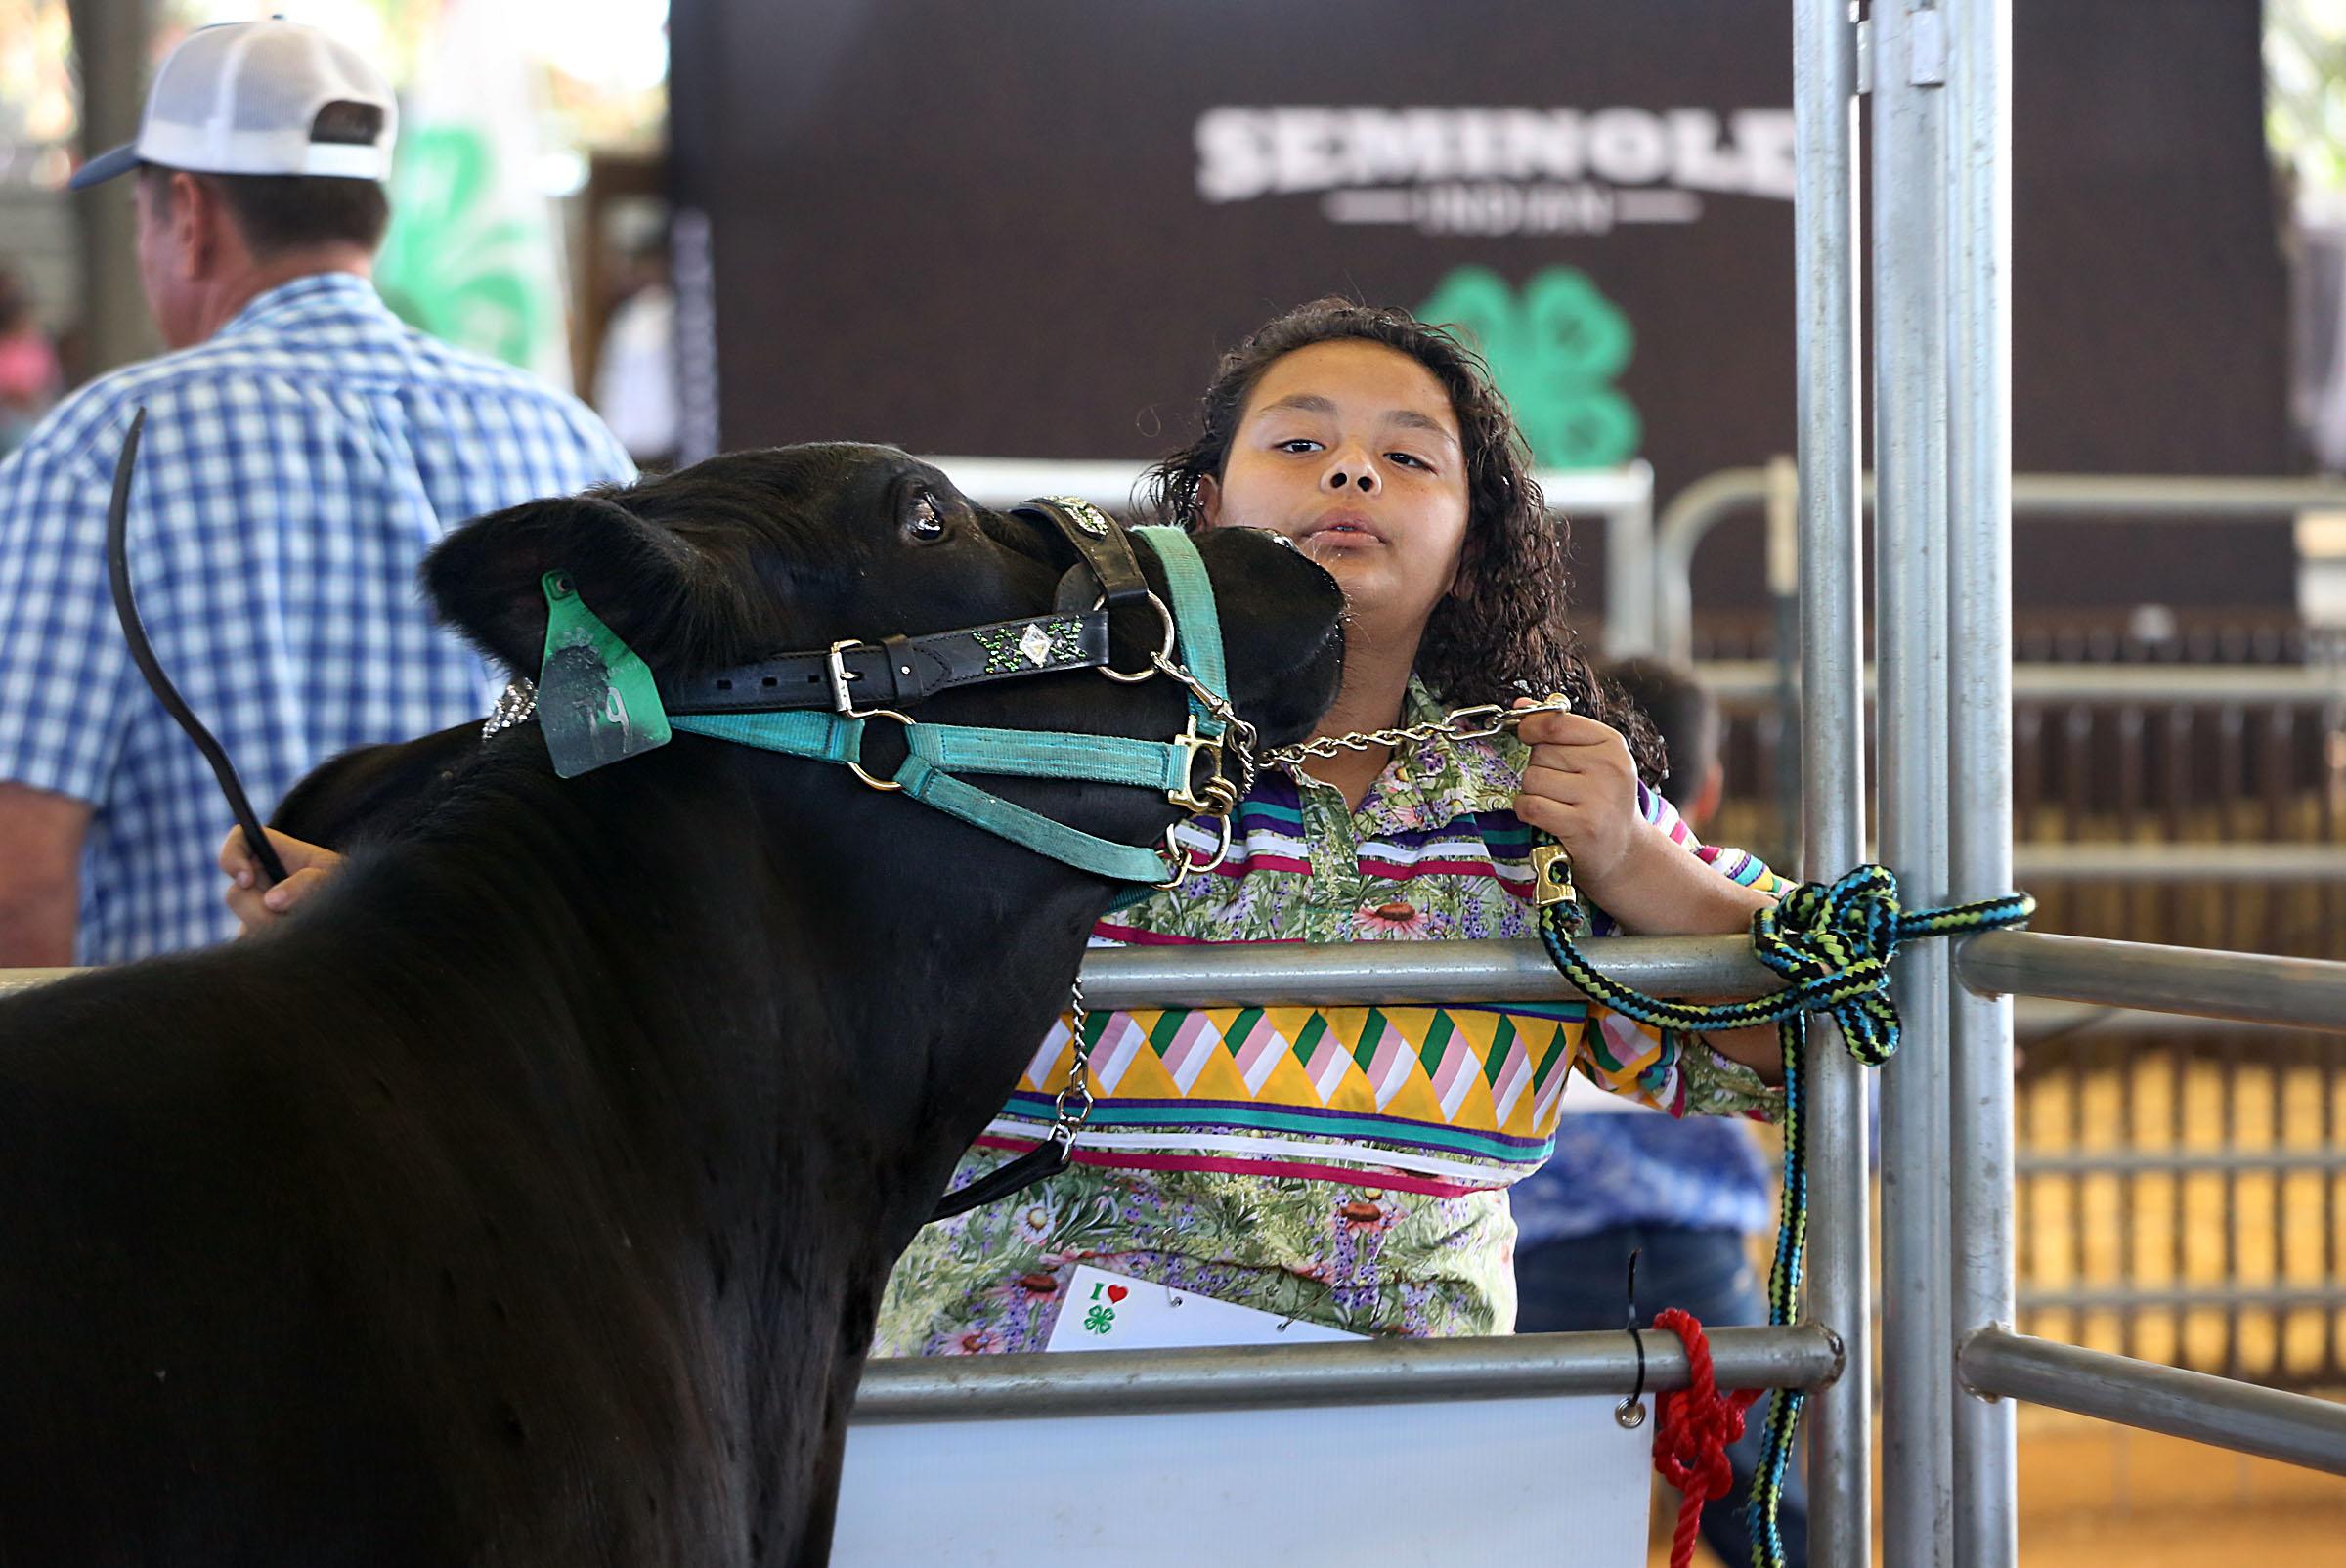 Seminole Indian 4 H Show Displays Kids Determination